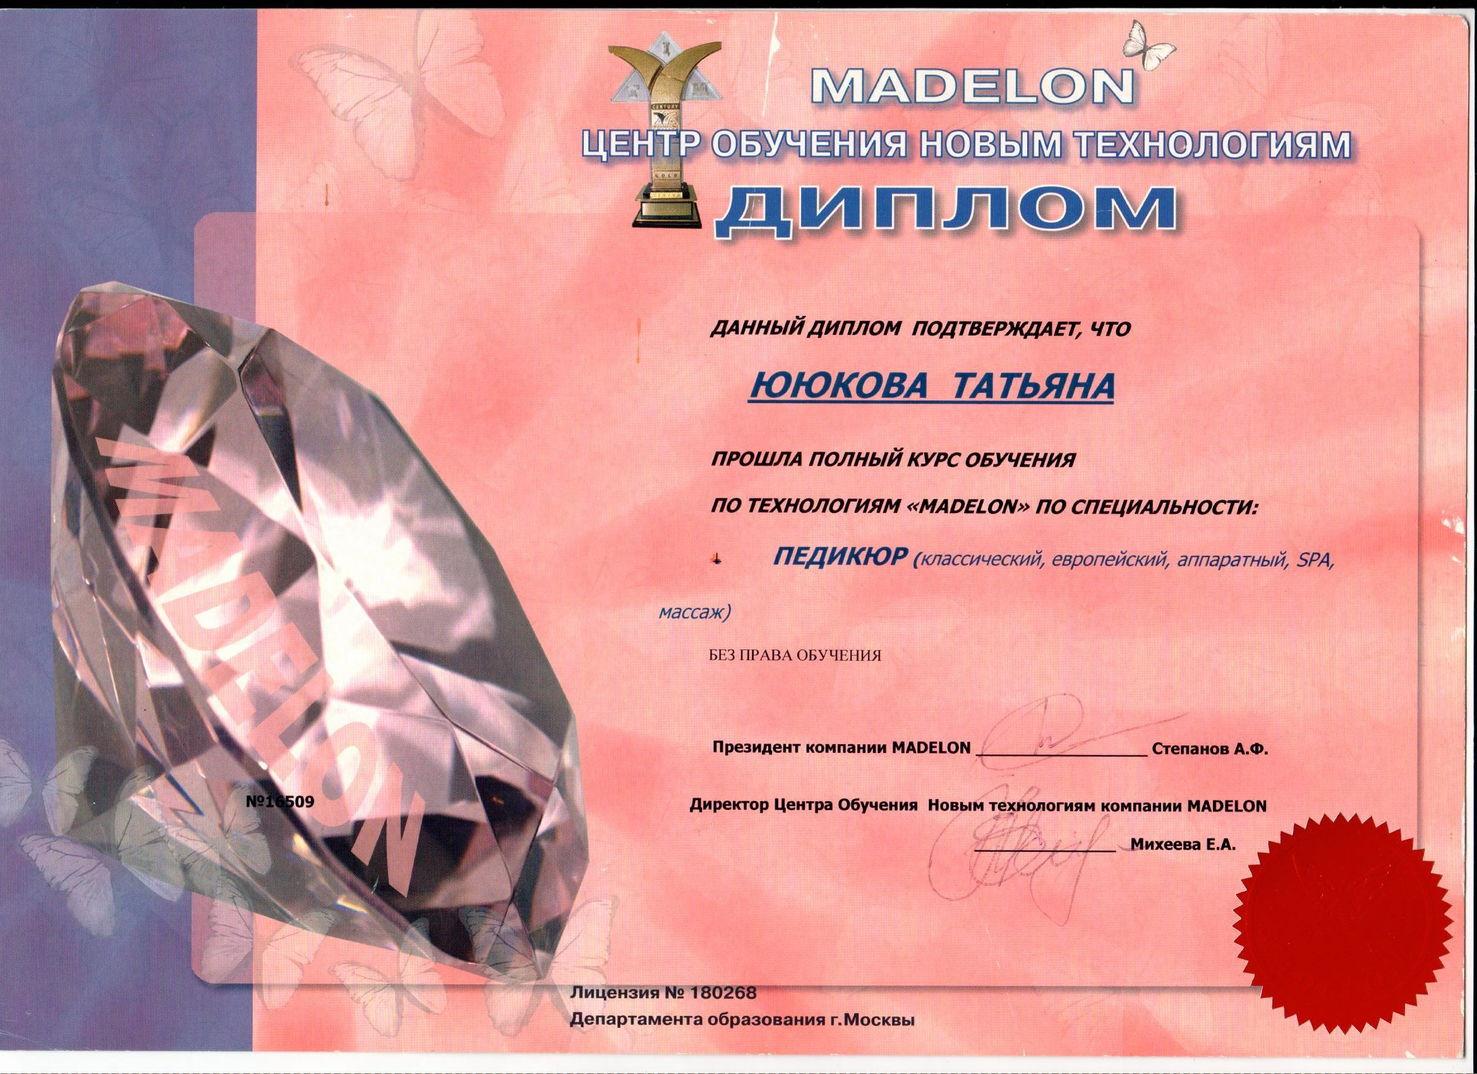 2009 madelon